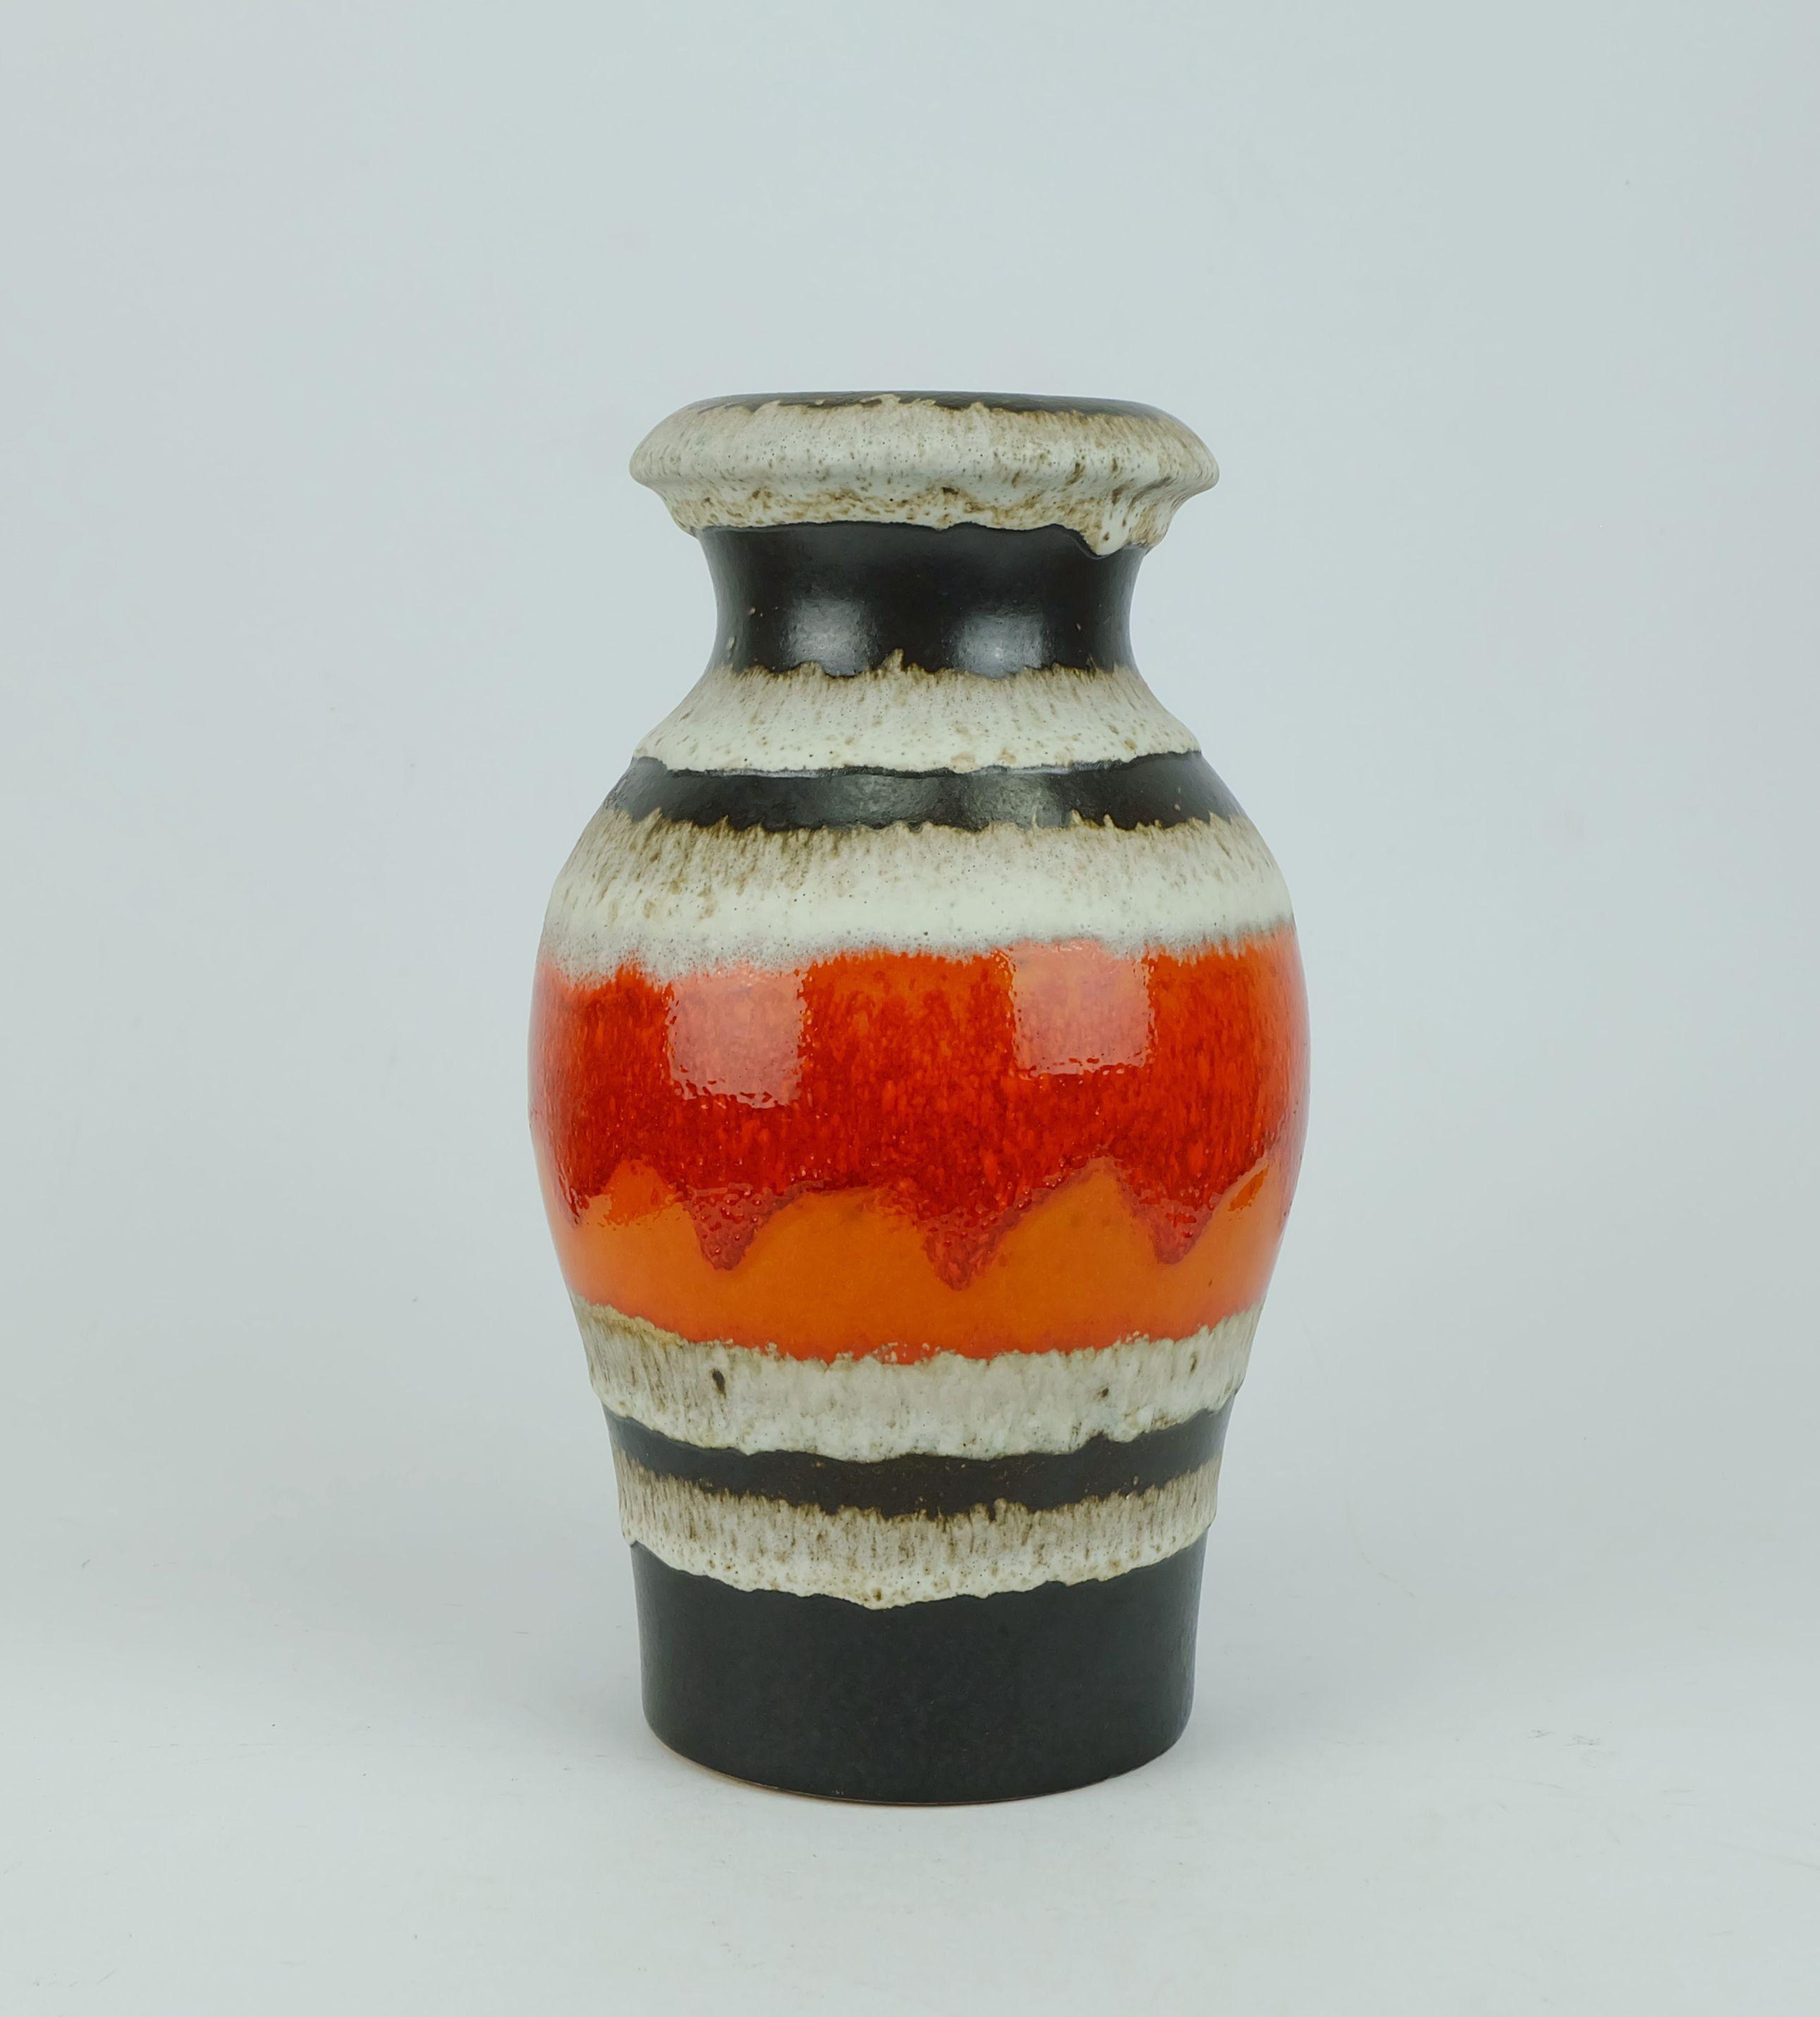 Vintage Vase Von Scheurich Keramik Aus Den 60er Jahren Modell Nr 290 27 Mit Einem Streifendekor In Mattem Schwarz Glan Mid Century Vase Vase Vintage Pottery